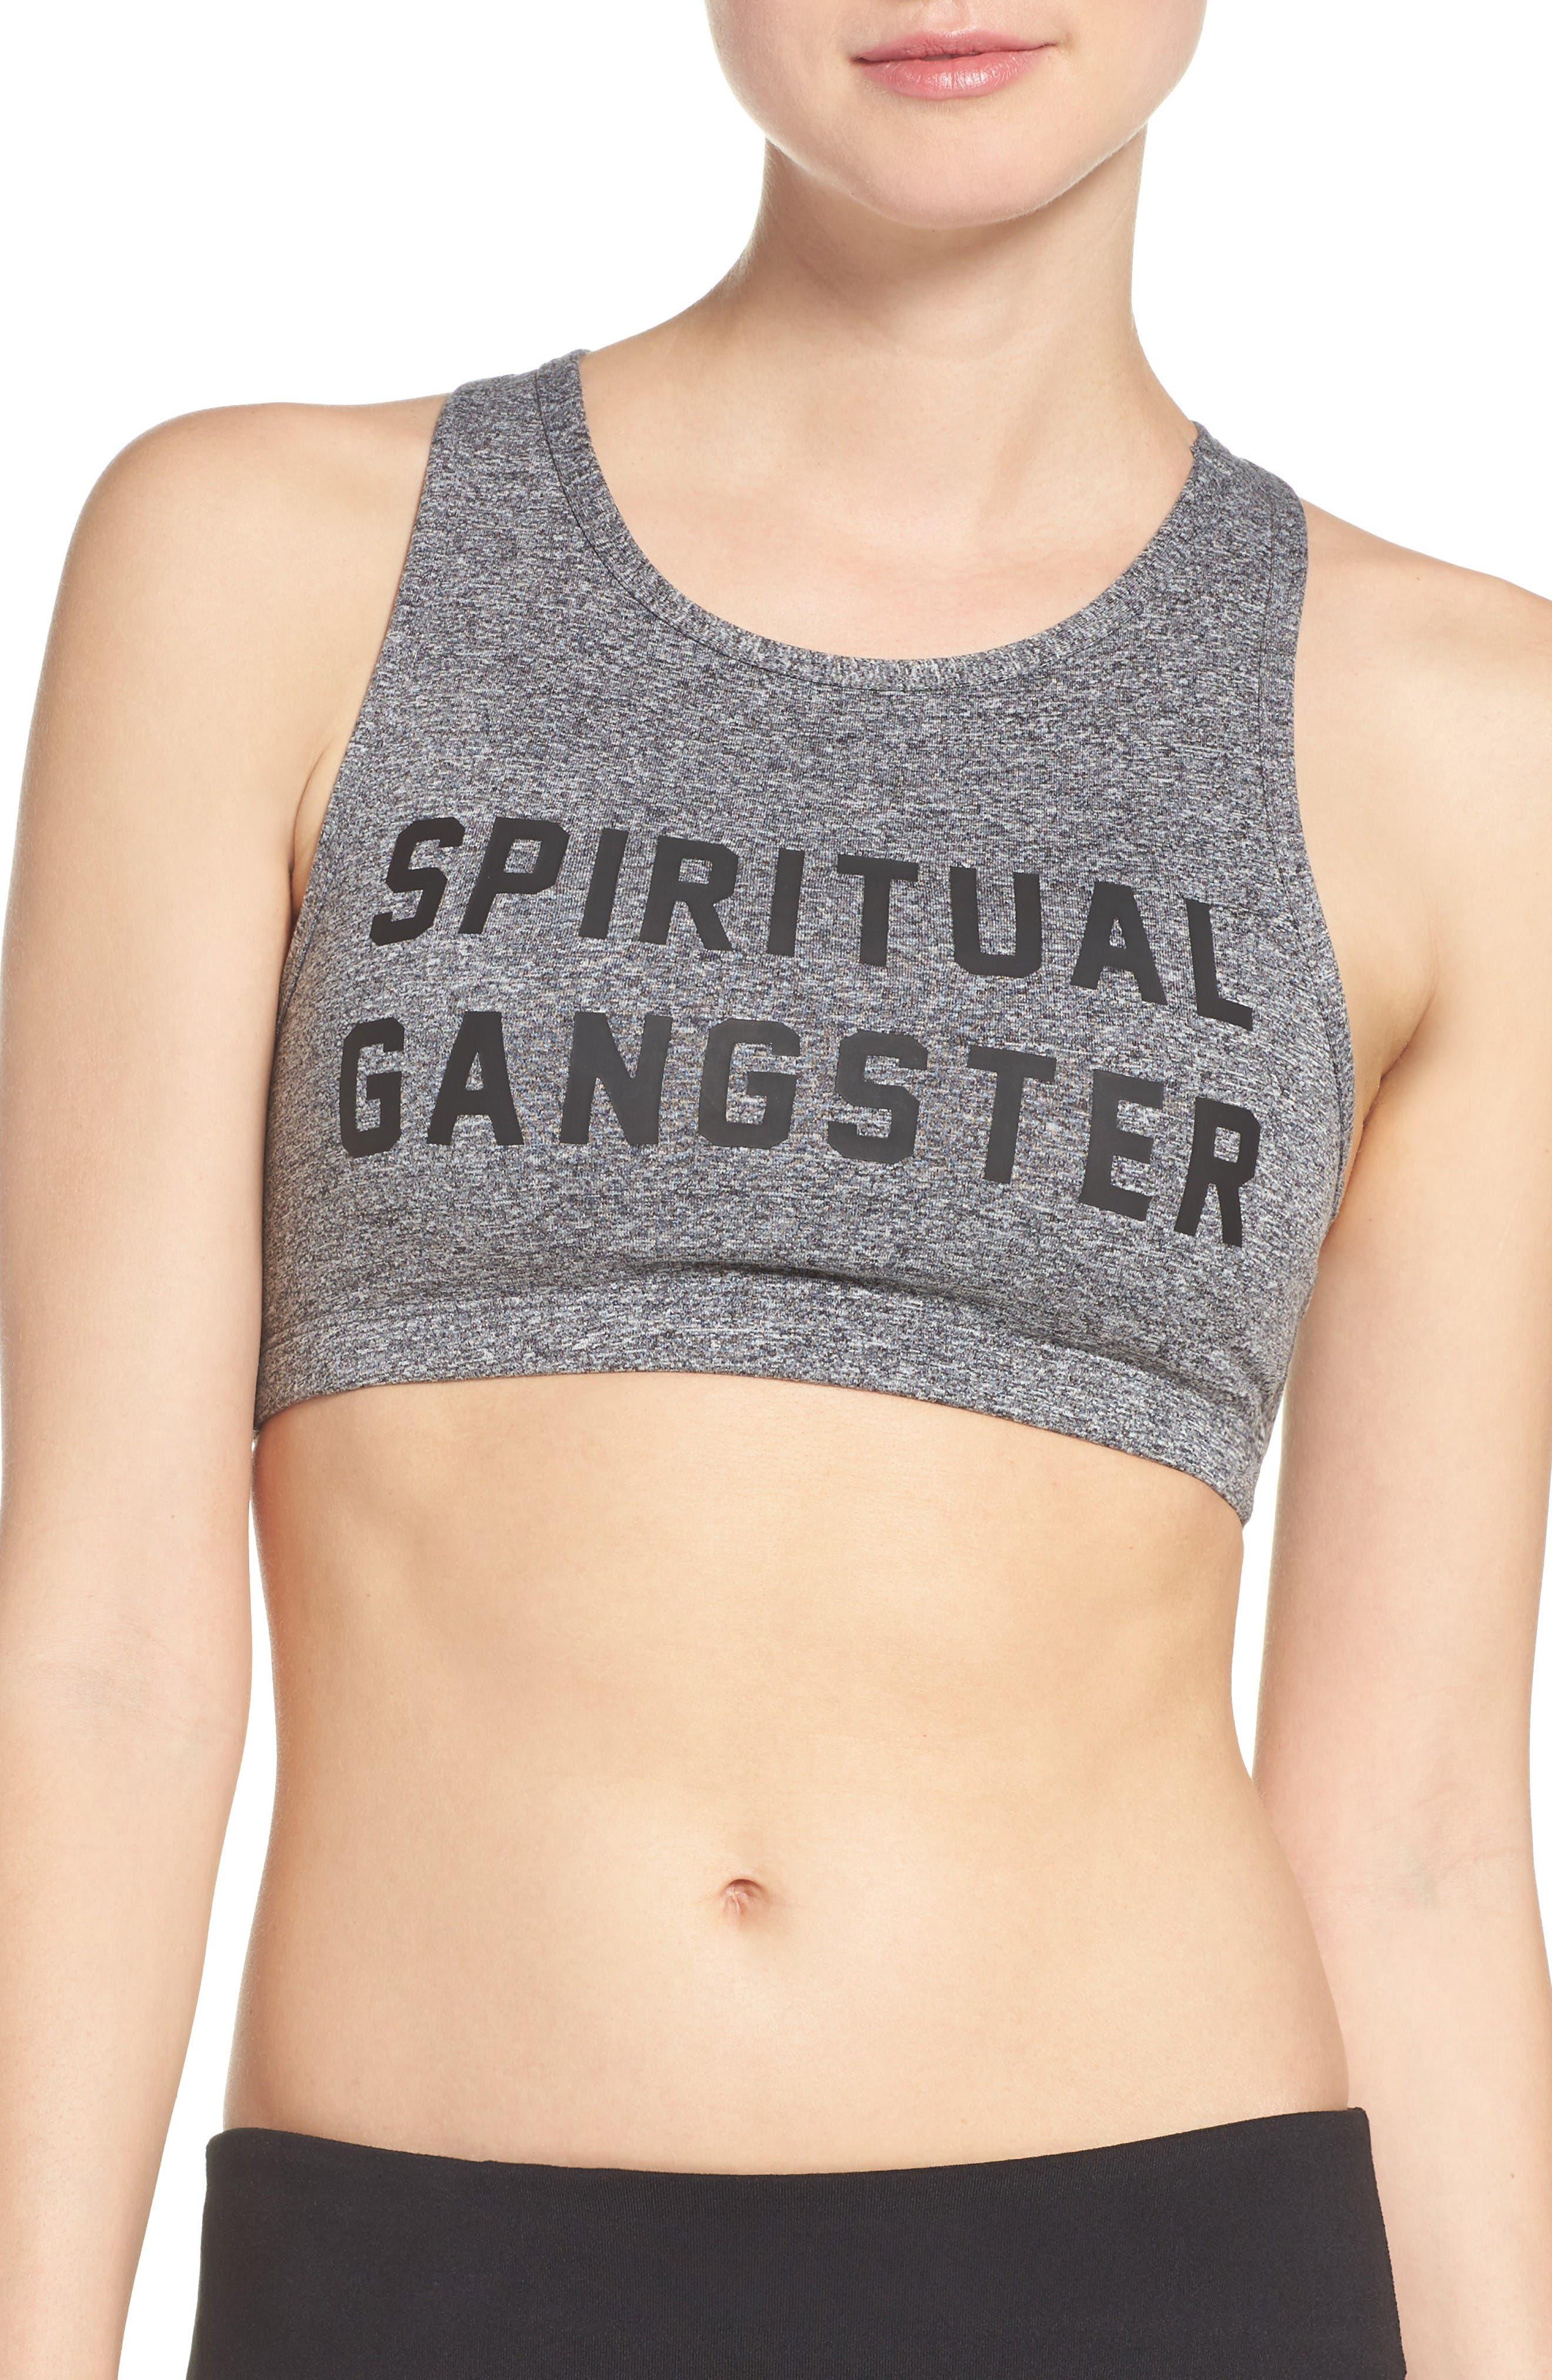 Spiritual Gangster Collegiate Sports Bra